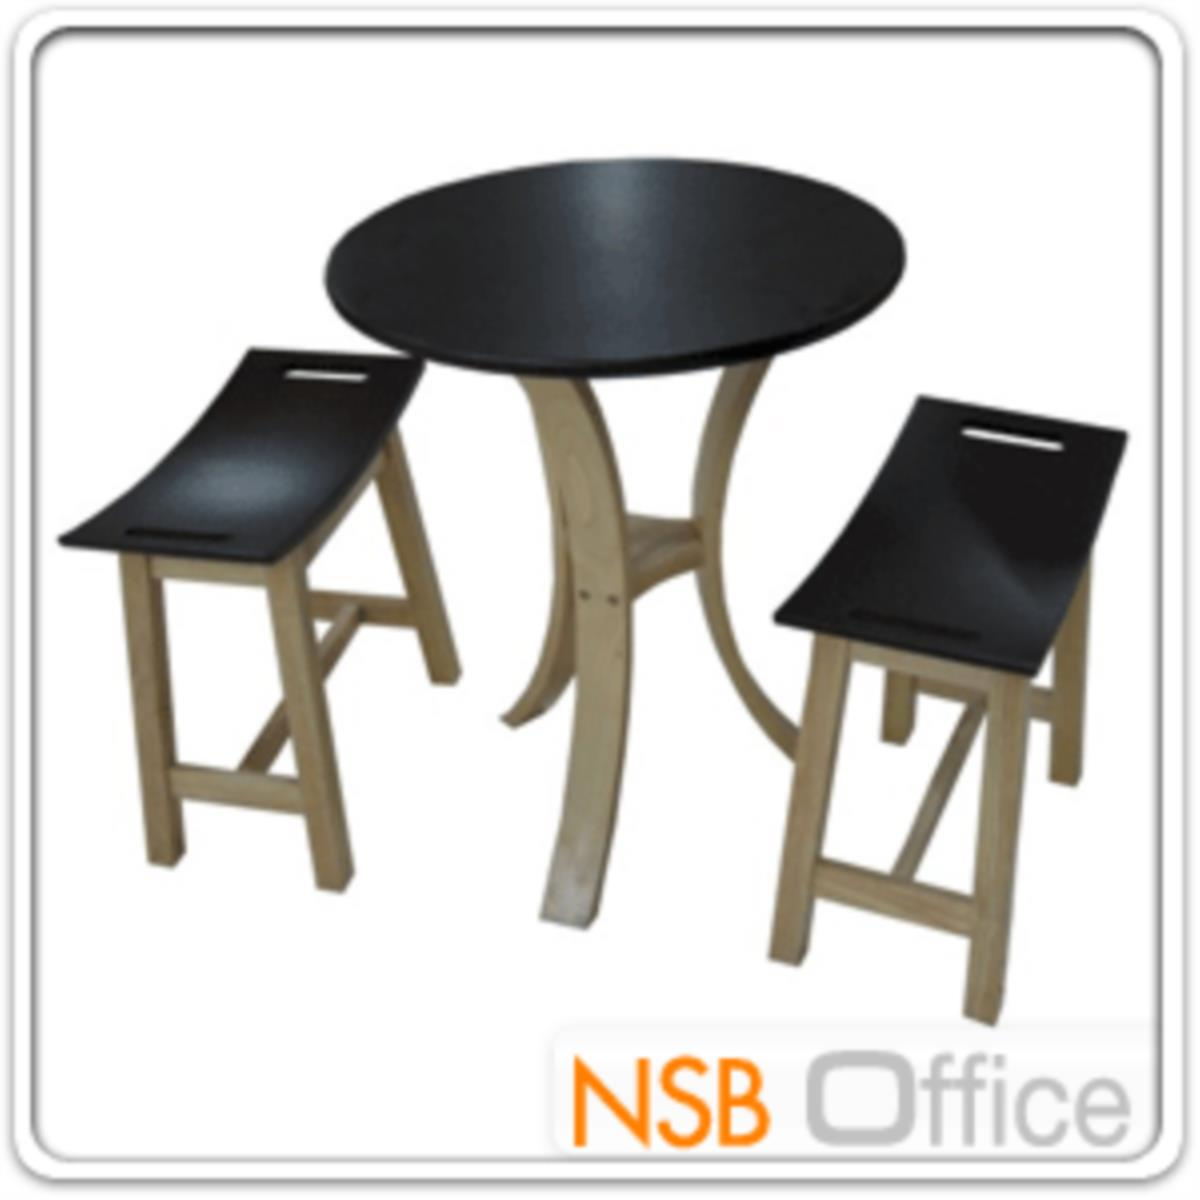 G14A052:ชุดโต๊ะรับประทานอาหารหน้าไม้ยาง 2 ที่นั่ง รุ่น Getsunova (เก็ตสึโนวา) ขนาด 60Di cm.  พร้อมเก้าอี้